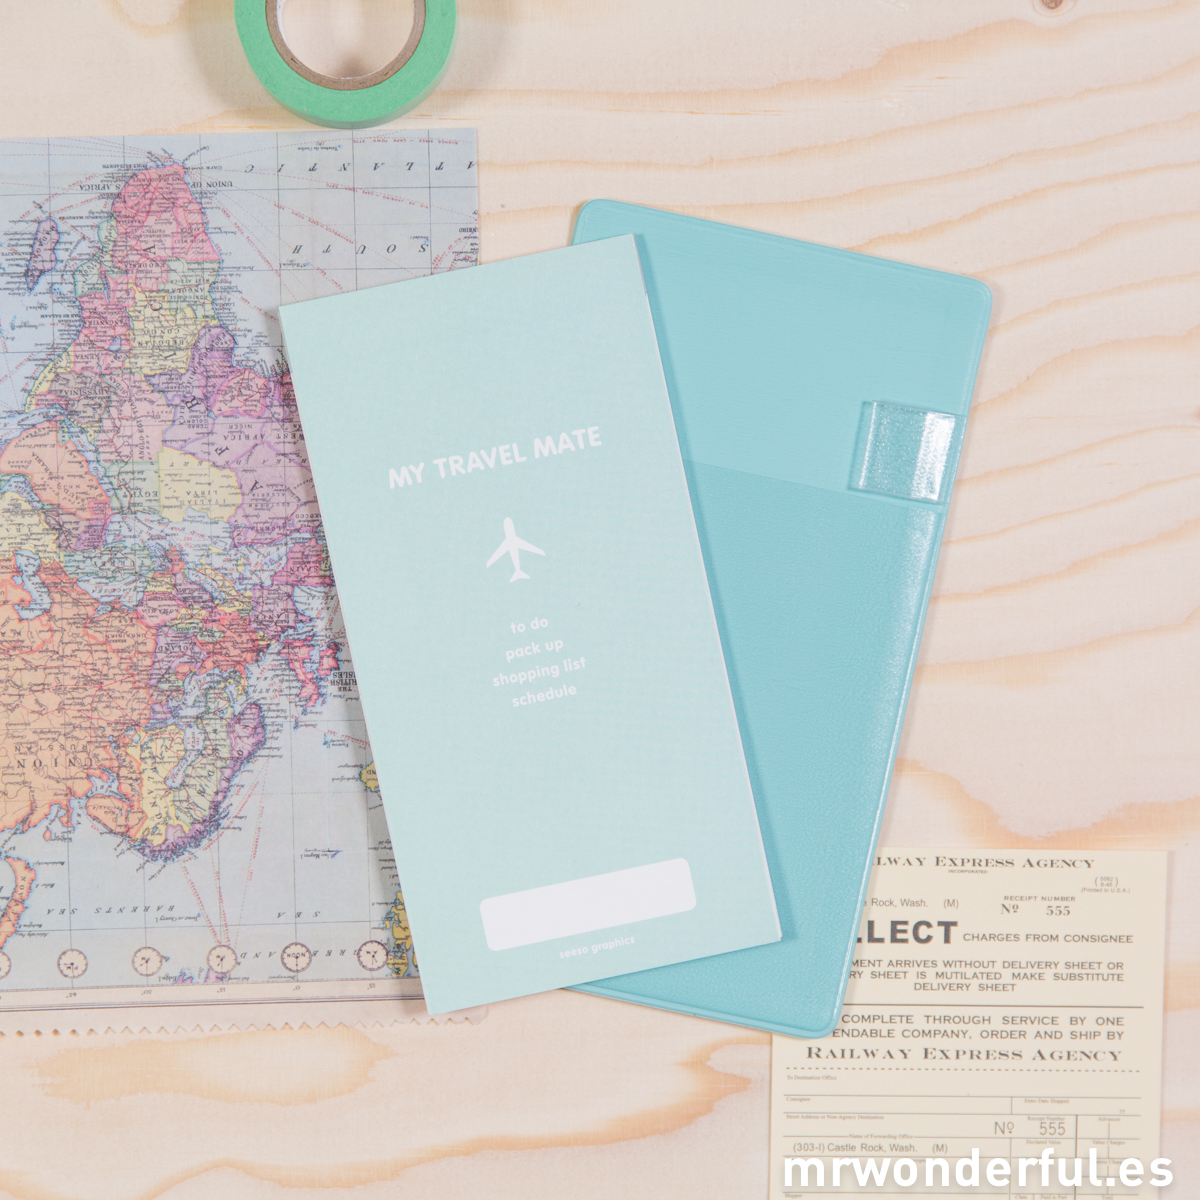 mrwonderful_SS-1534_funda-billetes-avion-lista-viaje-rosa-mint-2